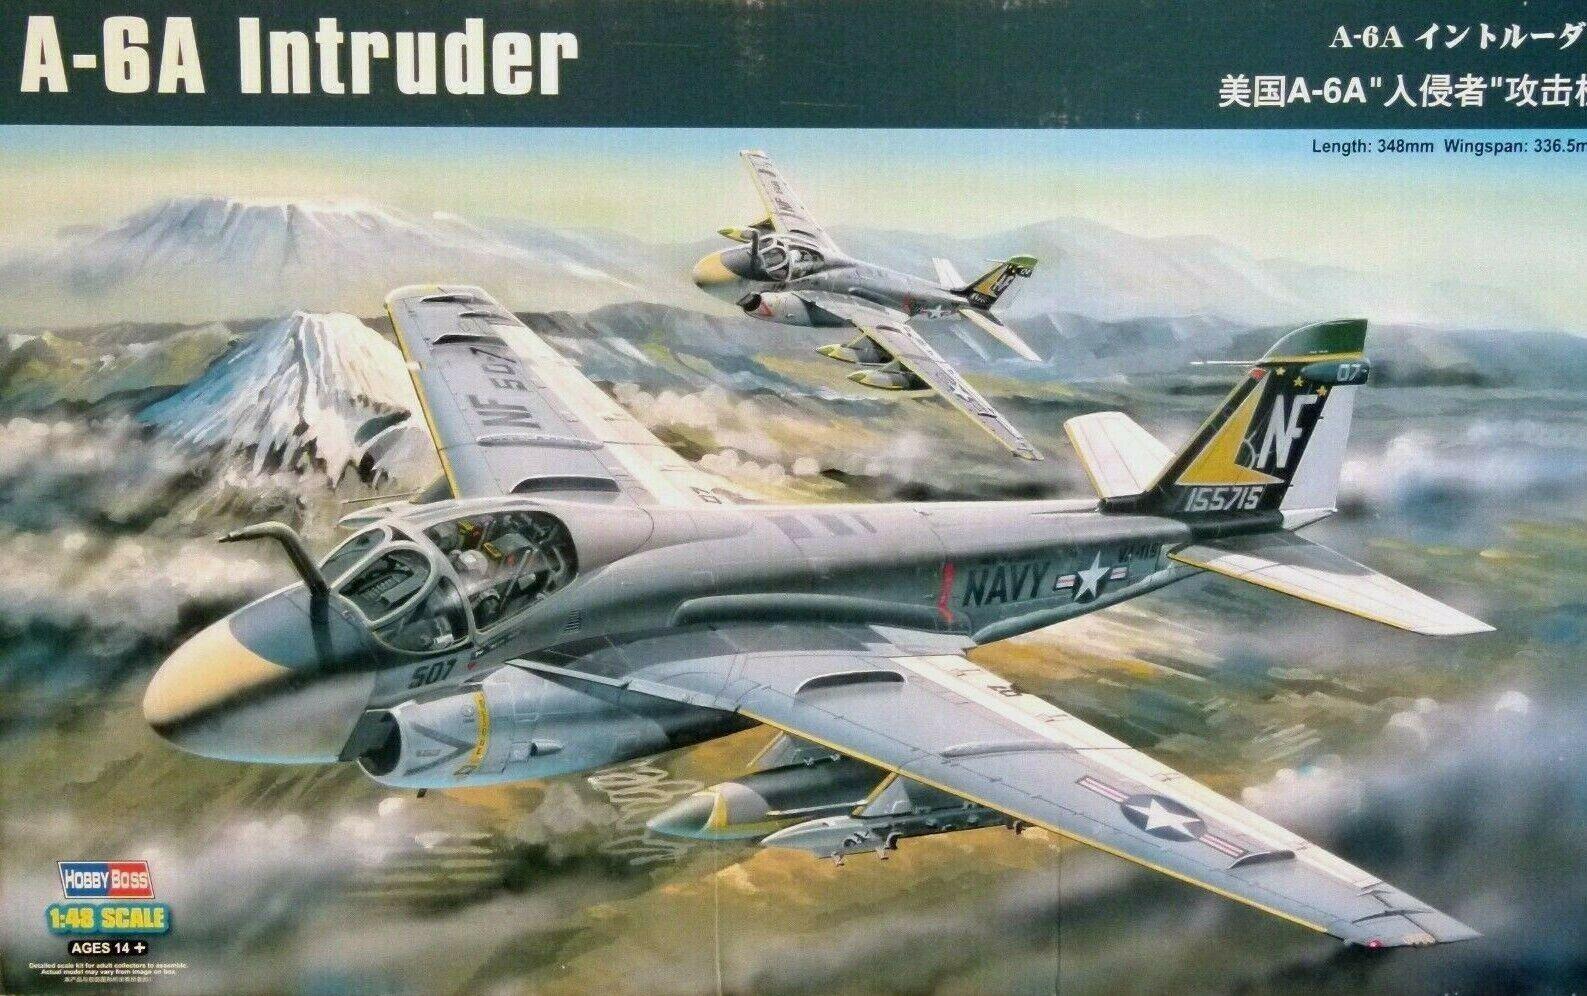 Hobbyboss 1 48 A-6A Intruder Aircraft Model Kit